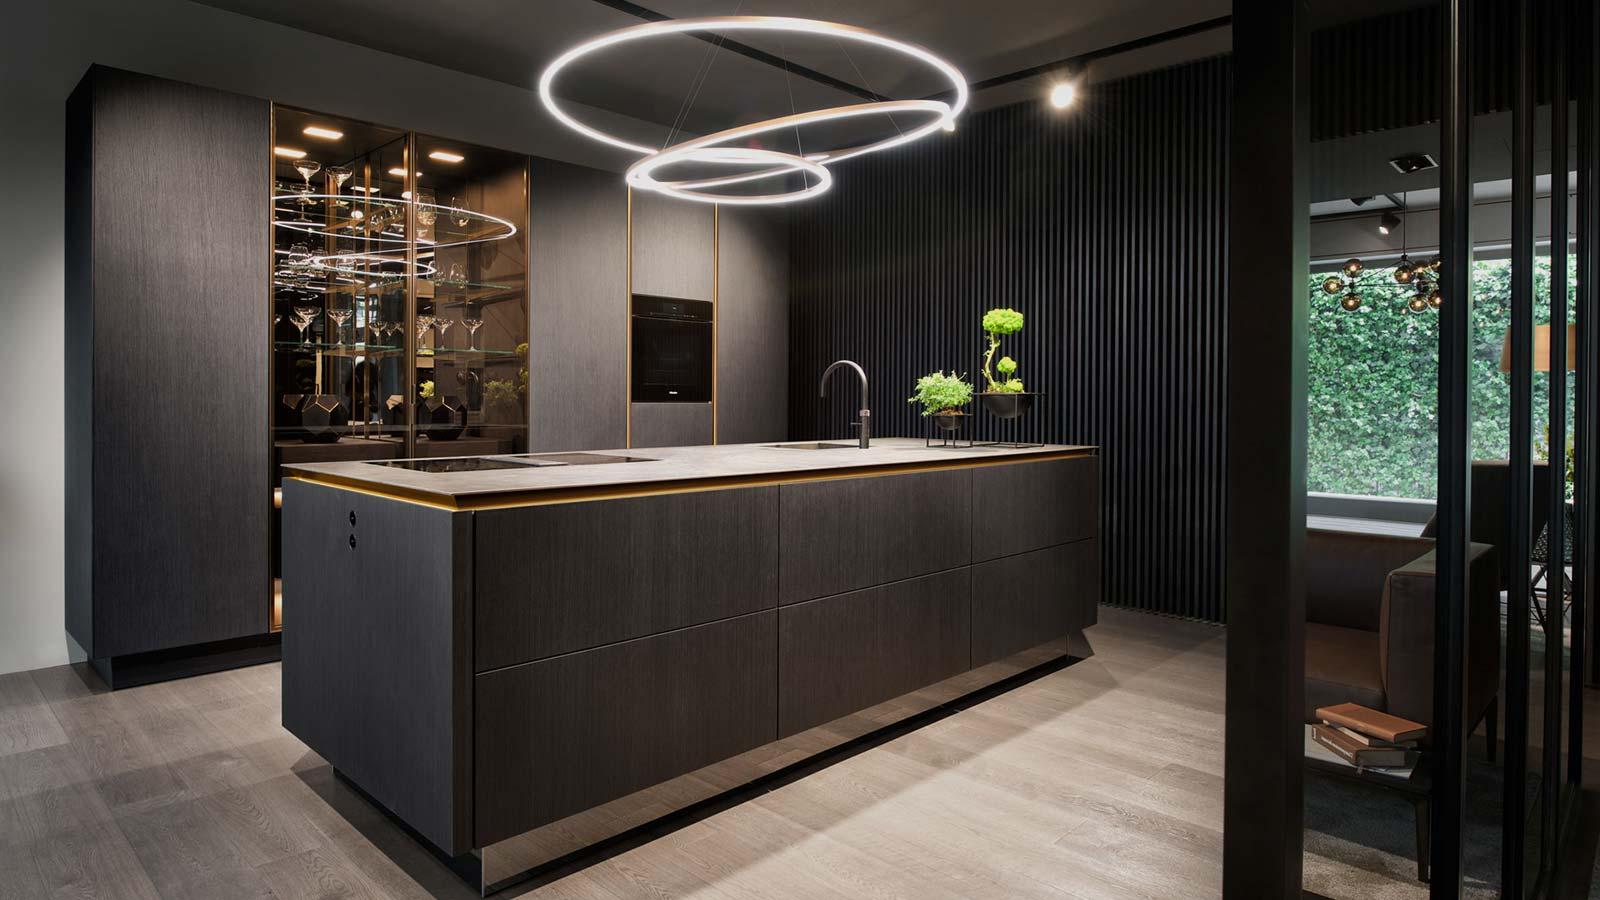 Een open SieMatic Pure keuken met spiraal verlichting. Het vrijstaande keukenblok is zwart uitgevoerd.